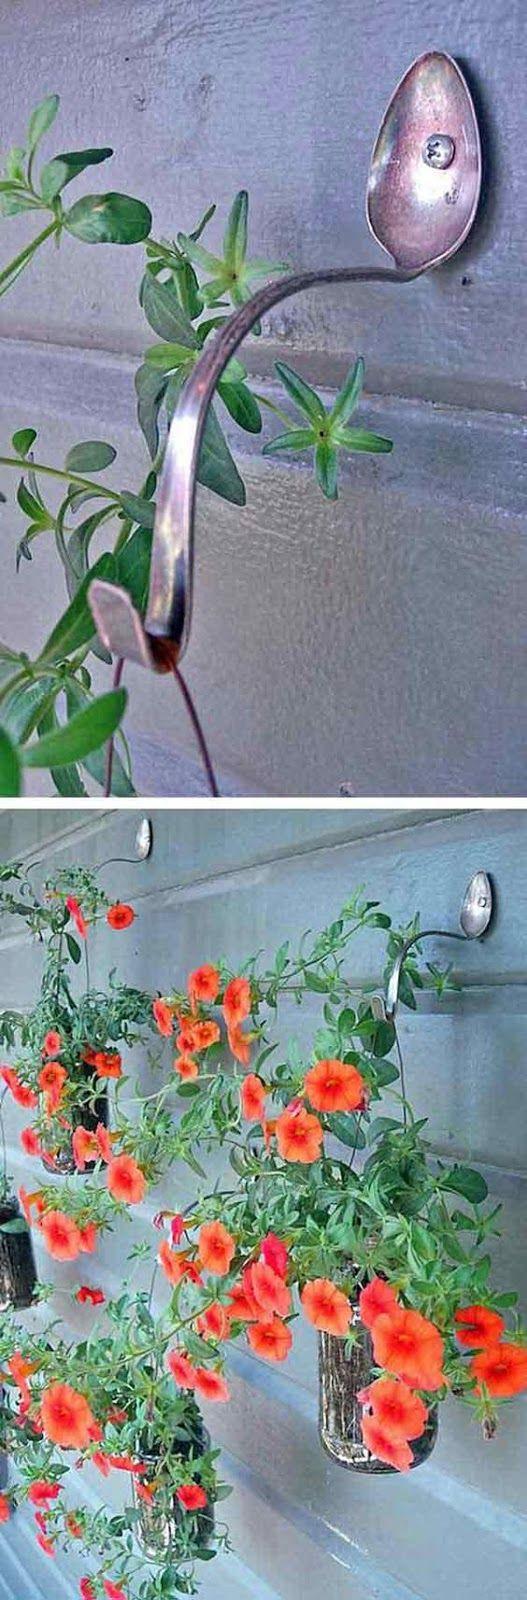 Ideias para você decorar reciclando de forma criativa - Blog de Decoração - Reciclar e Decorar